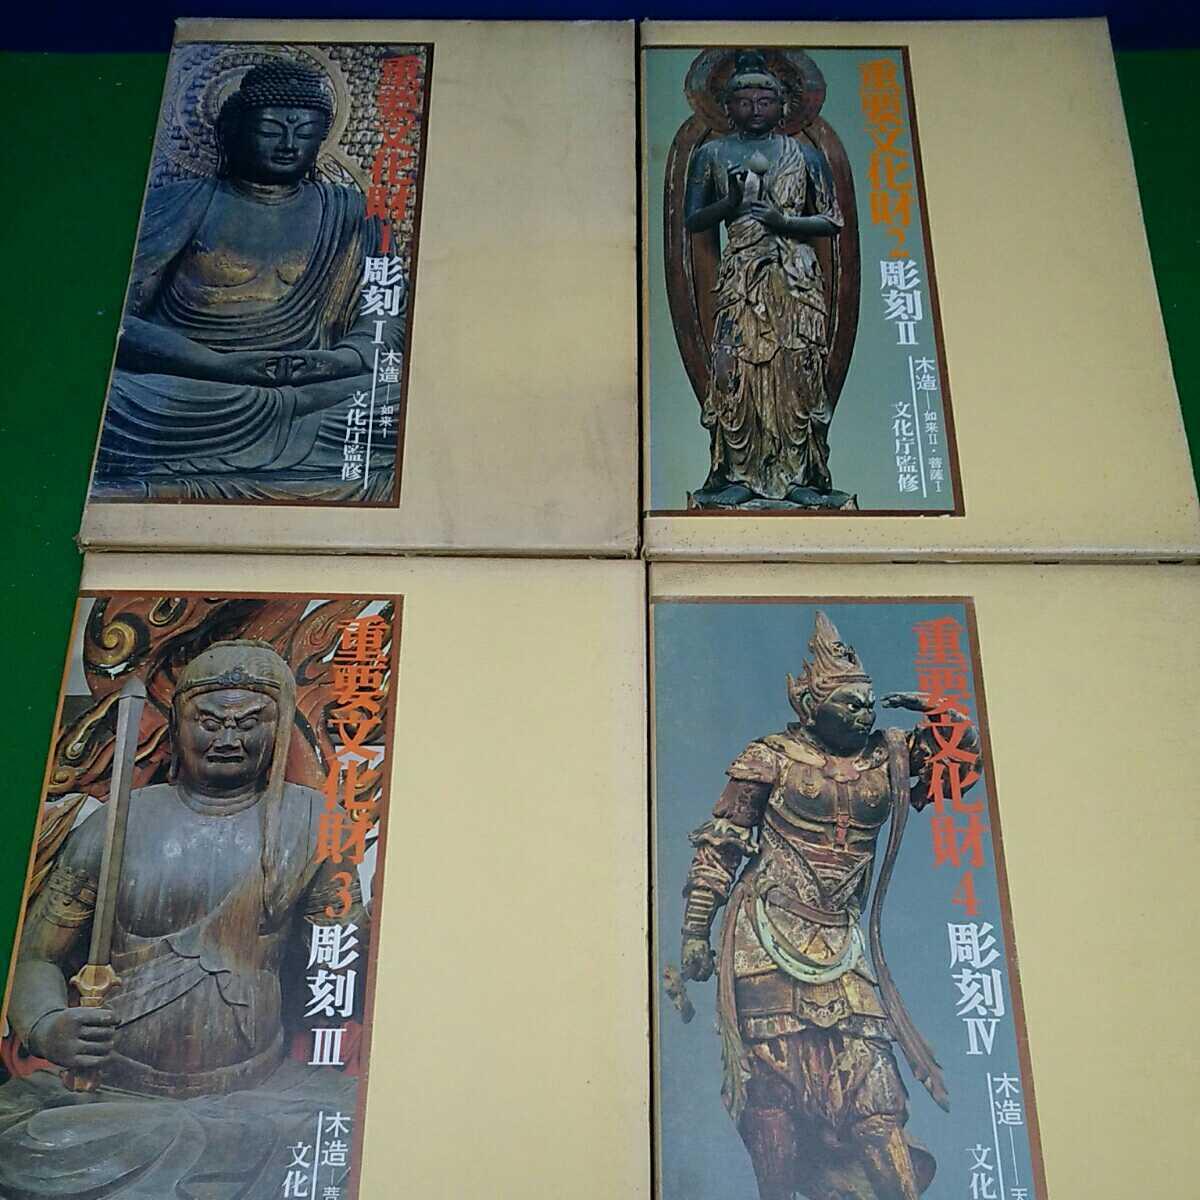 【即決】重要文化財 1~4 4巻 昭和52年11月20日発行 毎日新聞社 文化省文化庁監修